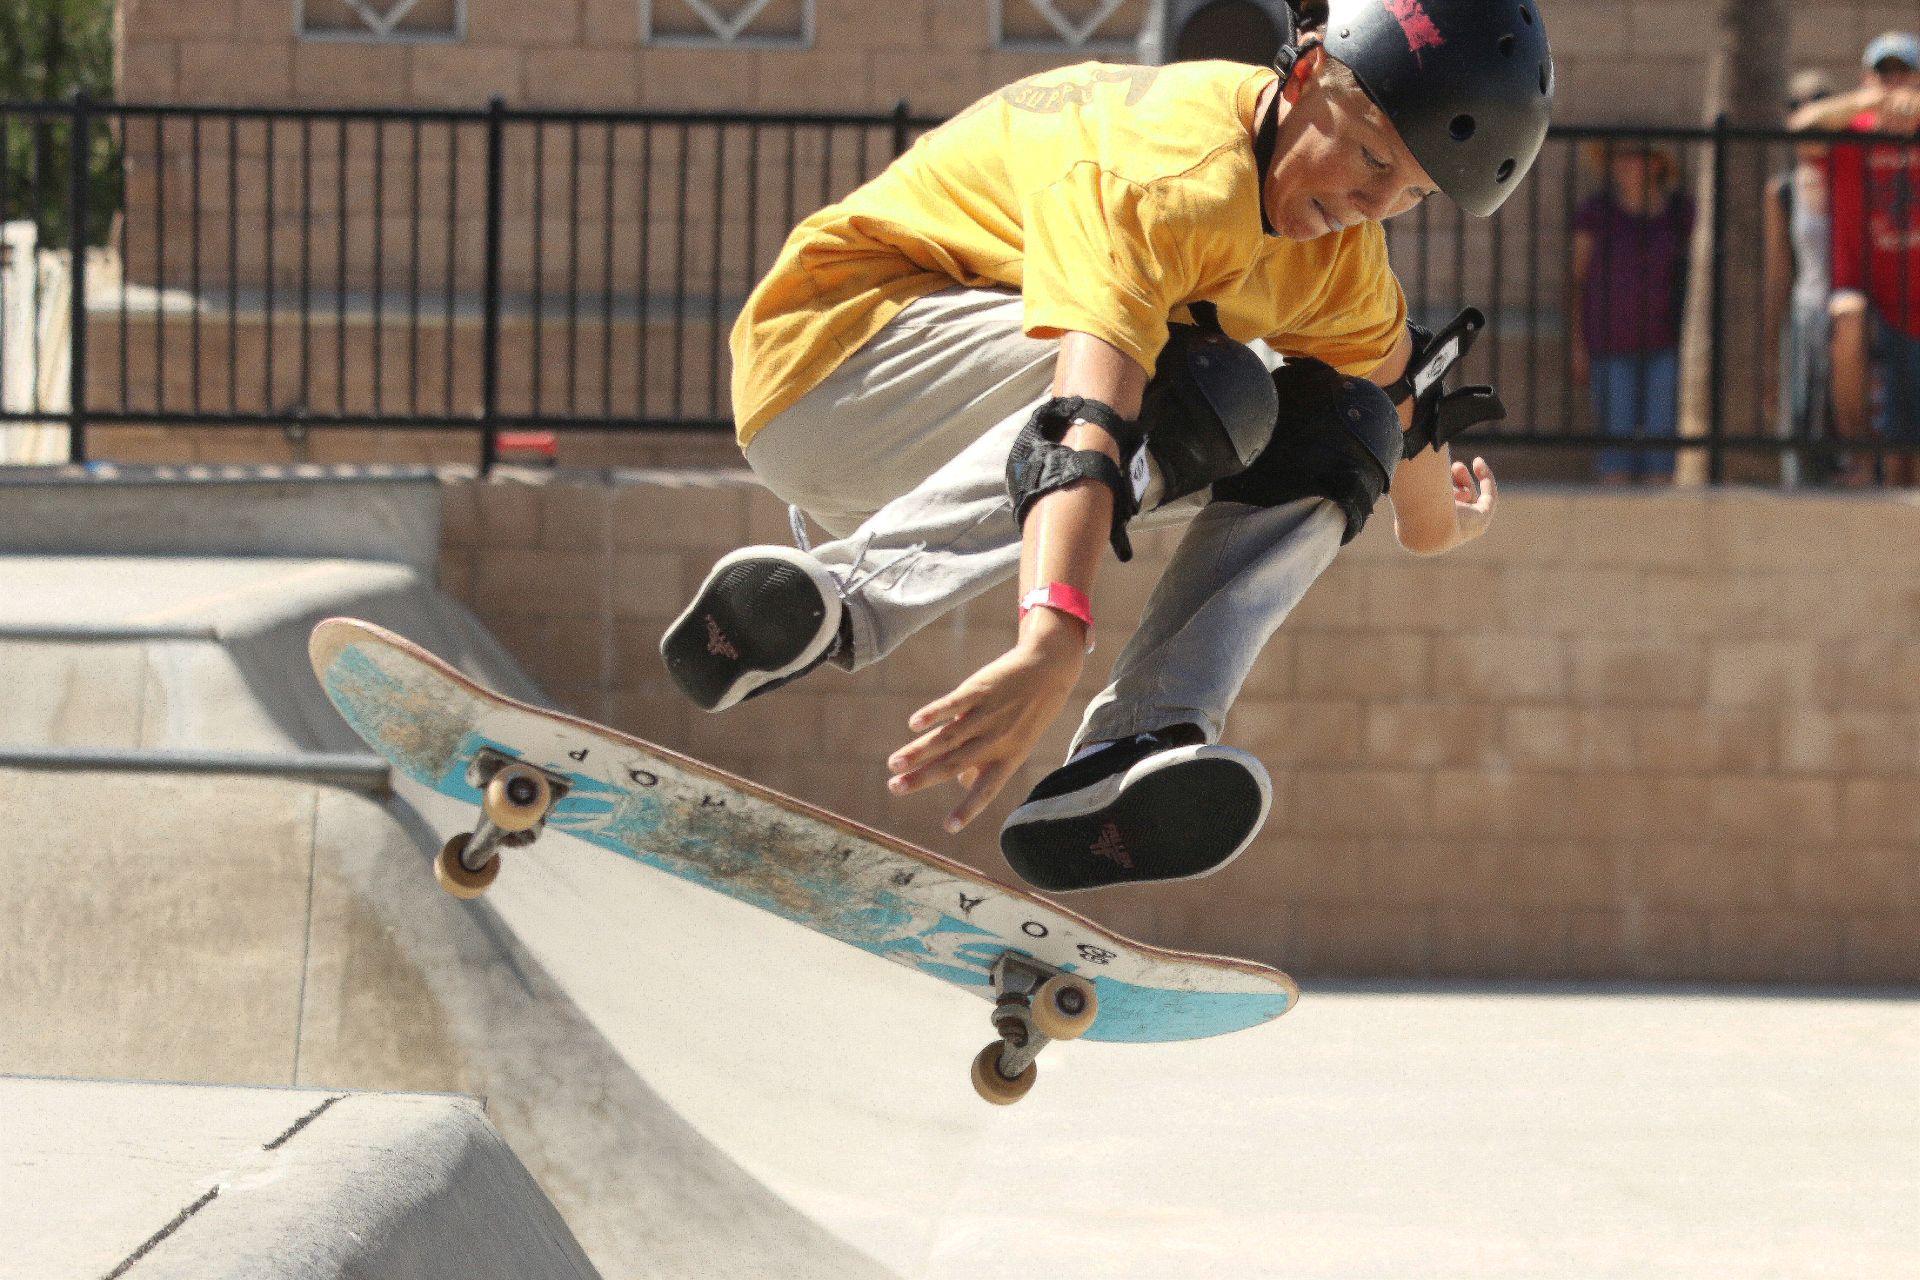 Как просто научиться кататься на скейтборде взрослому и ребенку?